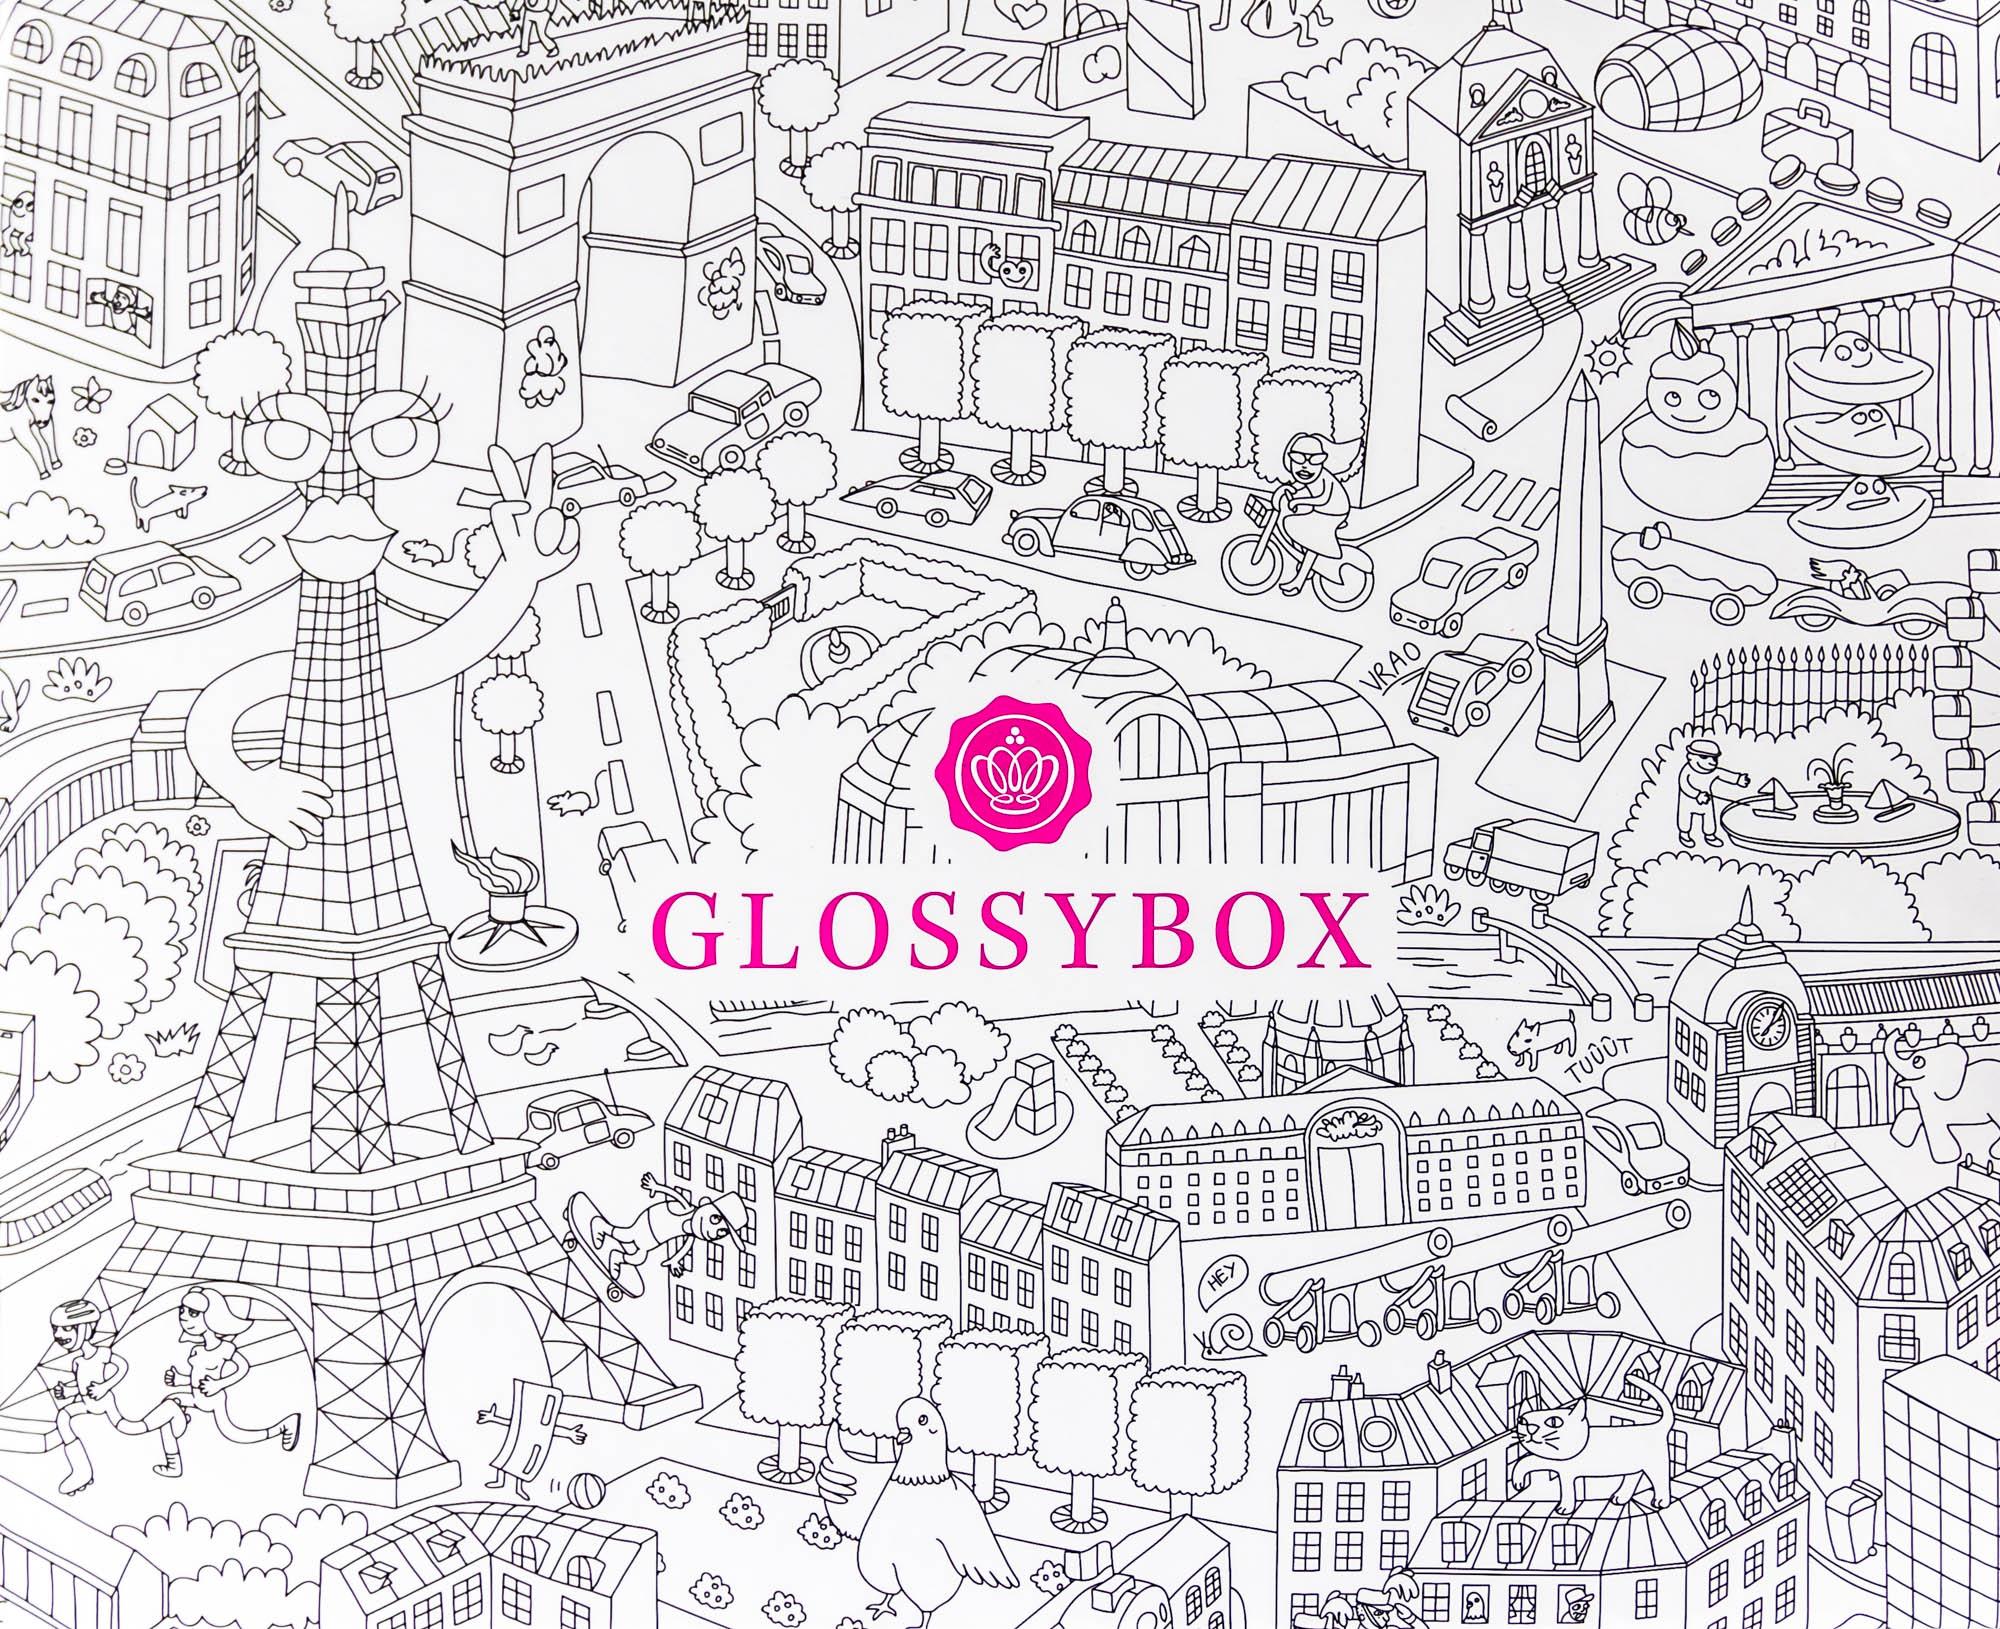 Glossybox UK May 2016